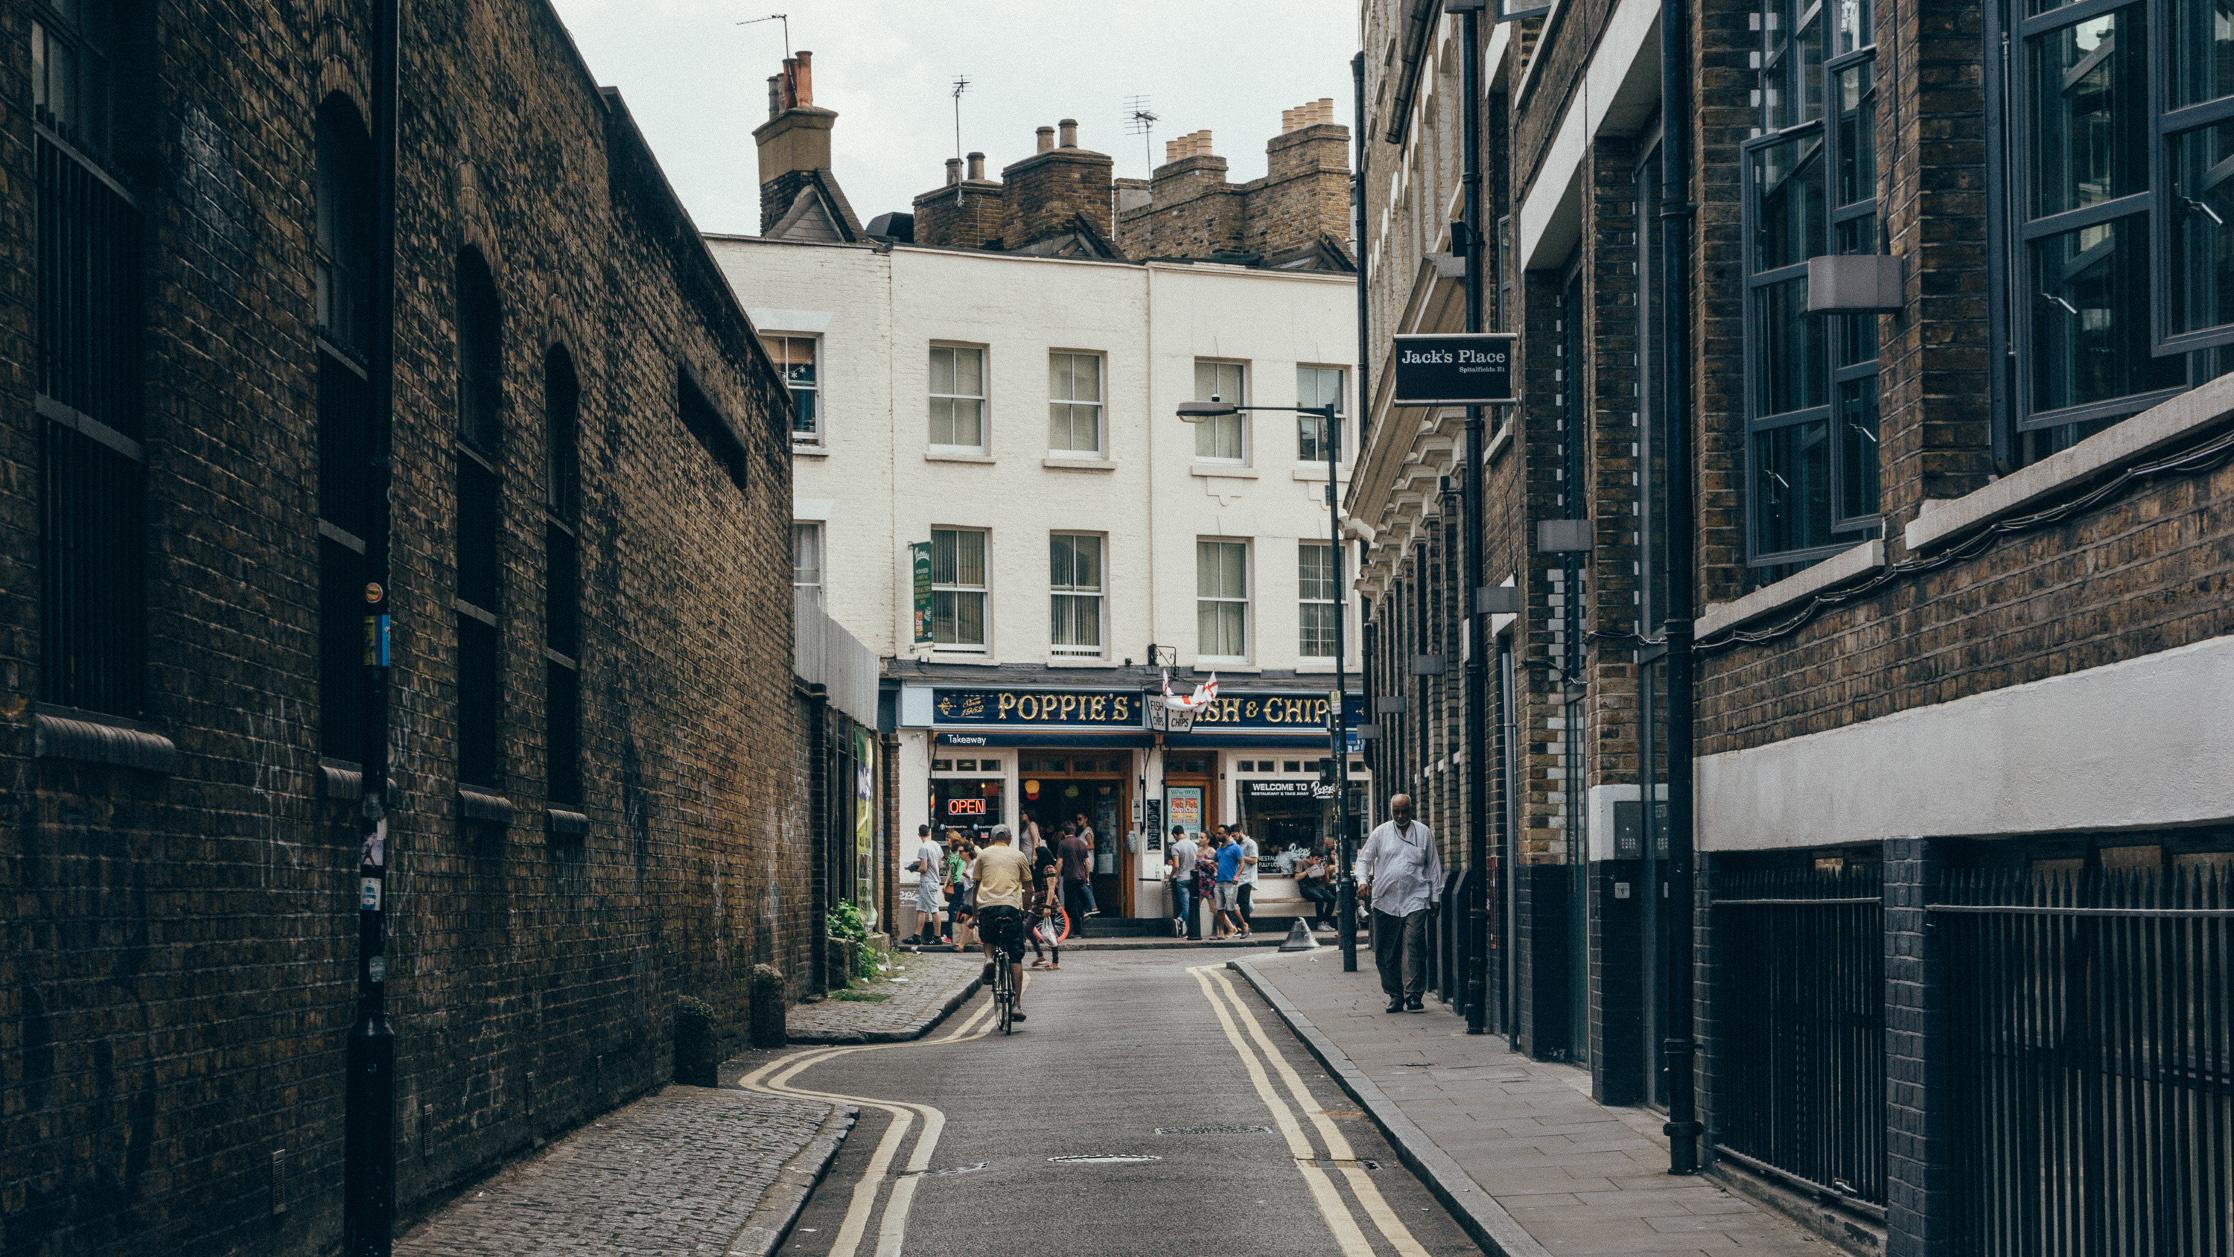 Widok na ulicę w mieście, chodzą przechodnie